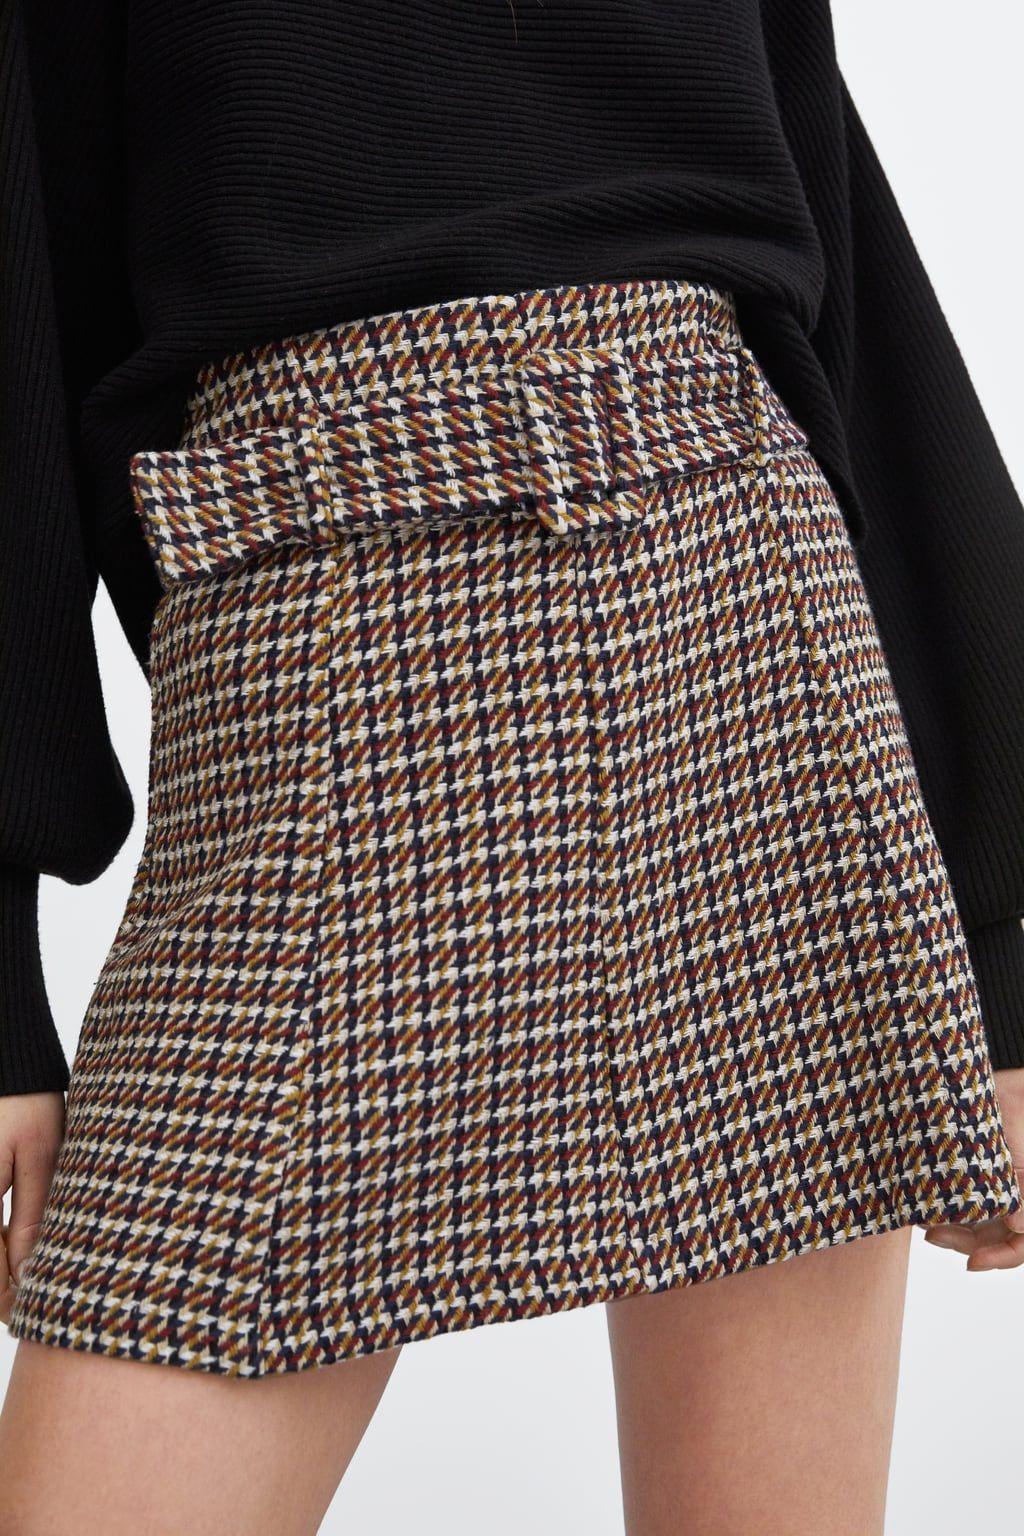 Belted Tweed Mini Skirt Mini Skirts Woman Sale Zara International Mini Skirts Belted Mini Skirt Tweed Mini Skirt